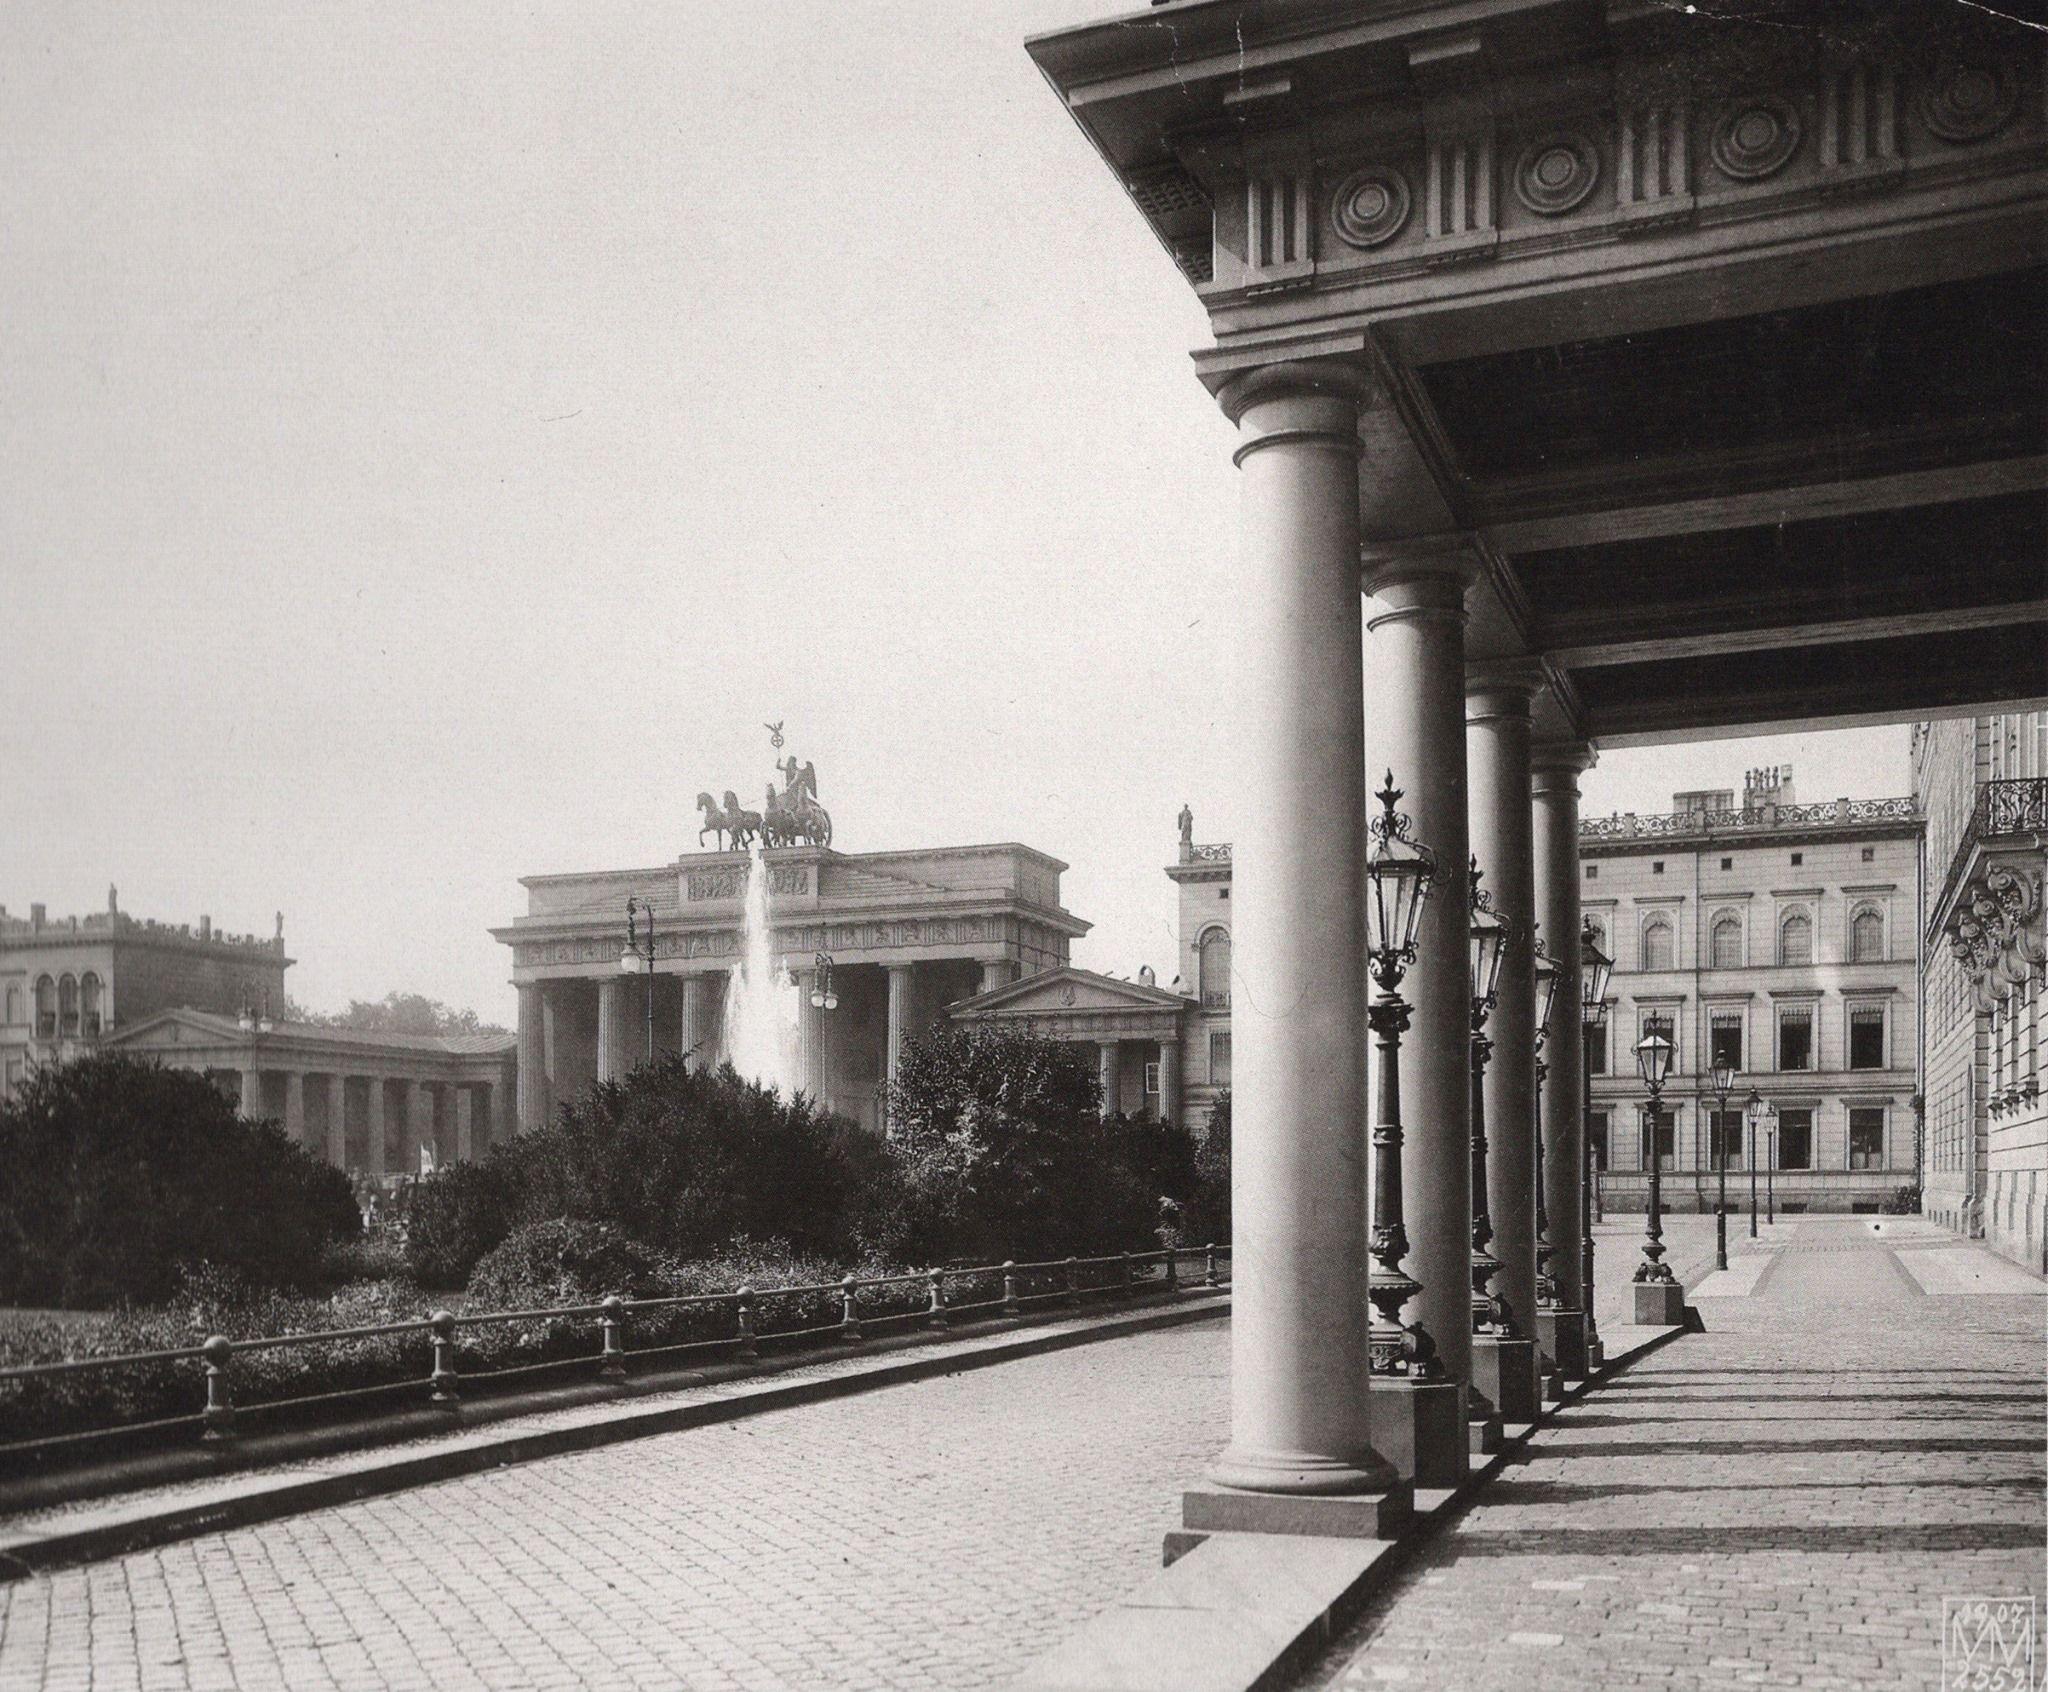 1907 Blick Auf Die Westseite Des Pariser Platzes Links Vor Dem Tor Der Pariser Platz 1 Erbaut Von Stuler 1847 48 Im Auftrag Vom Hof Bilder Berlin Spree Berlin